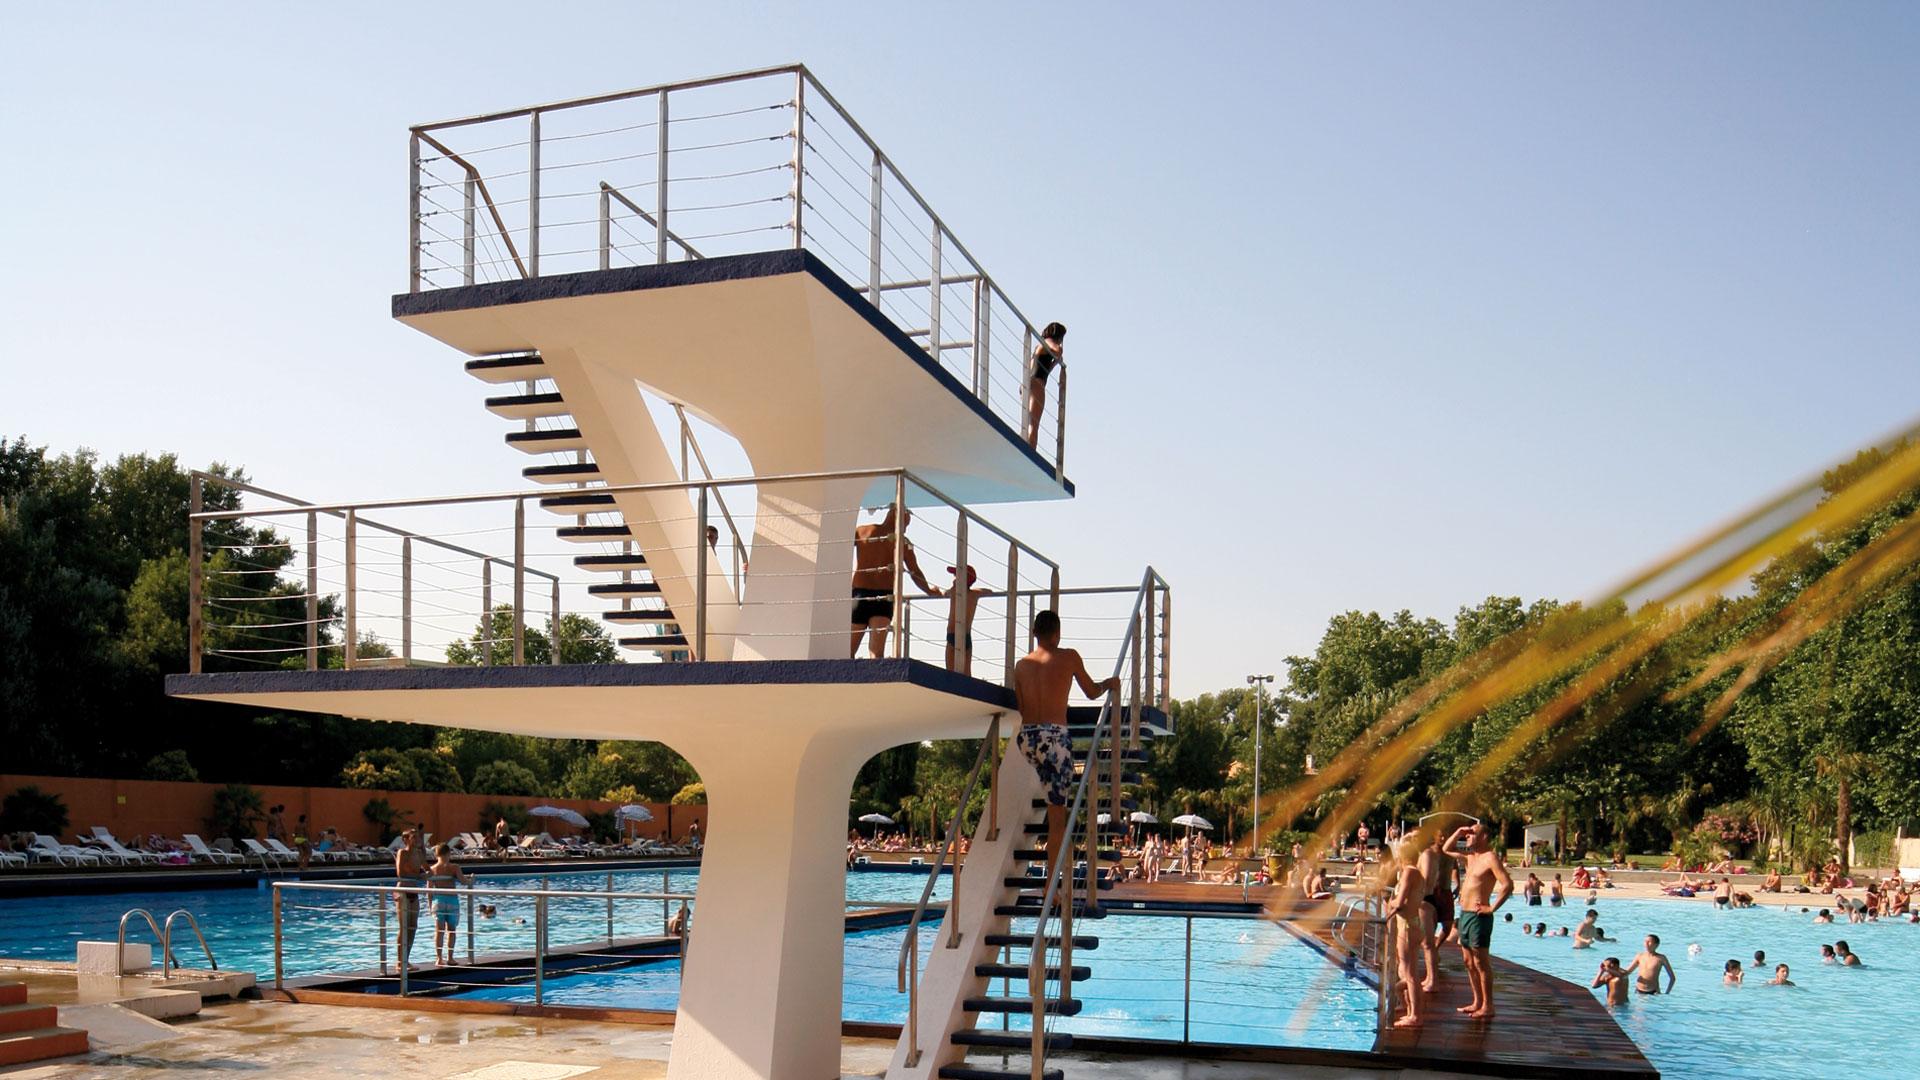 La palmeraie piscine de loisirs avignon for Hotel avignon piscine